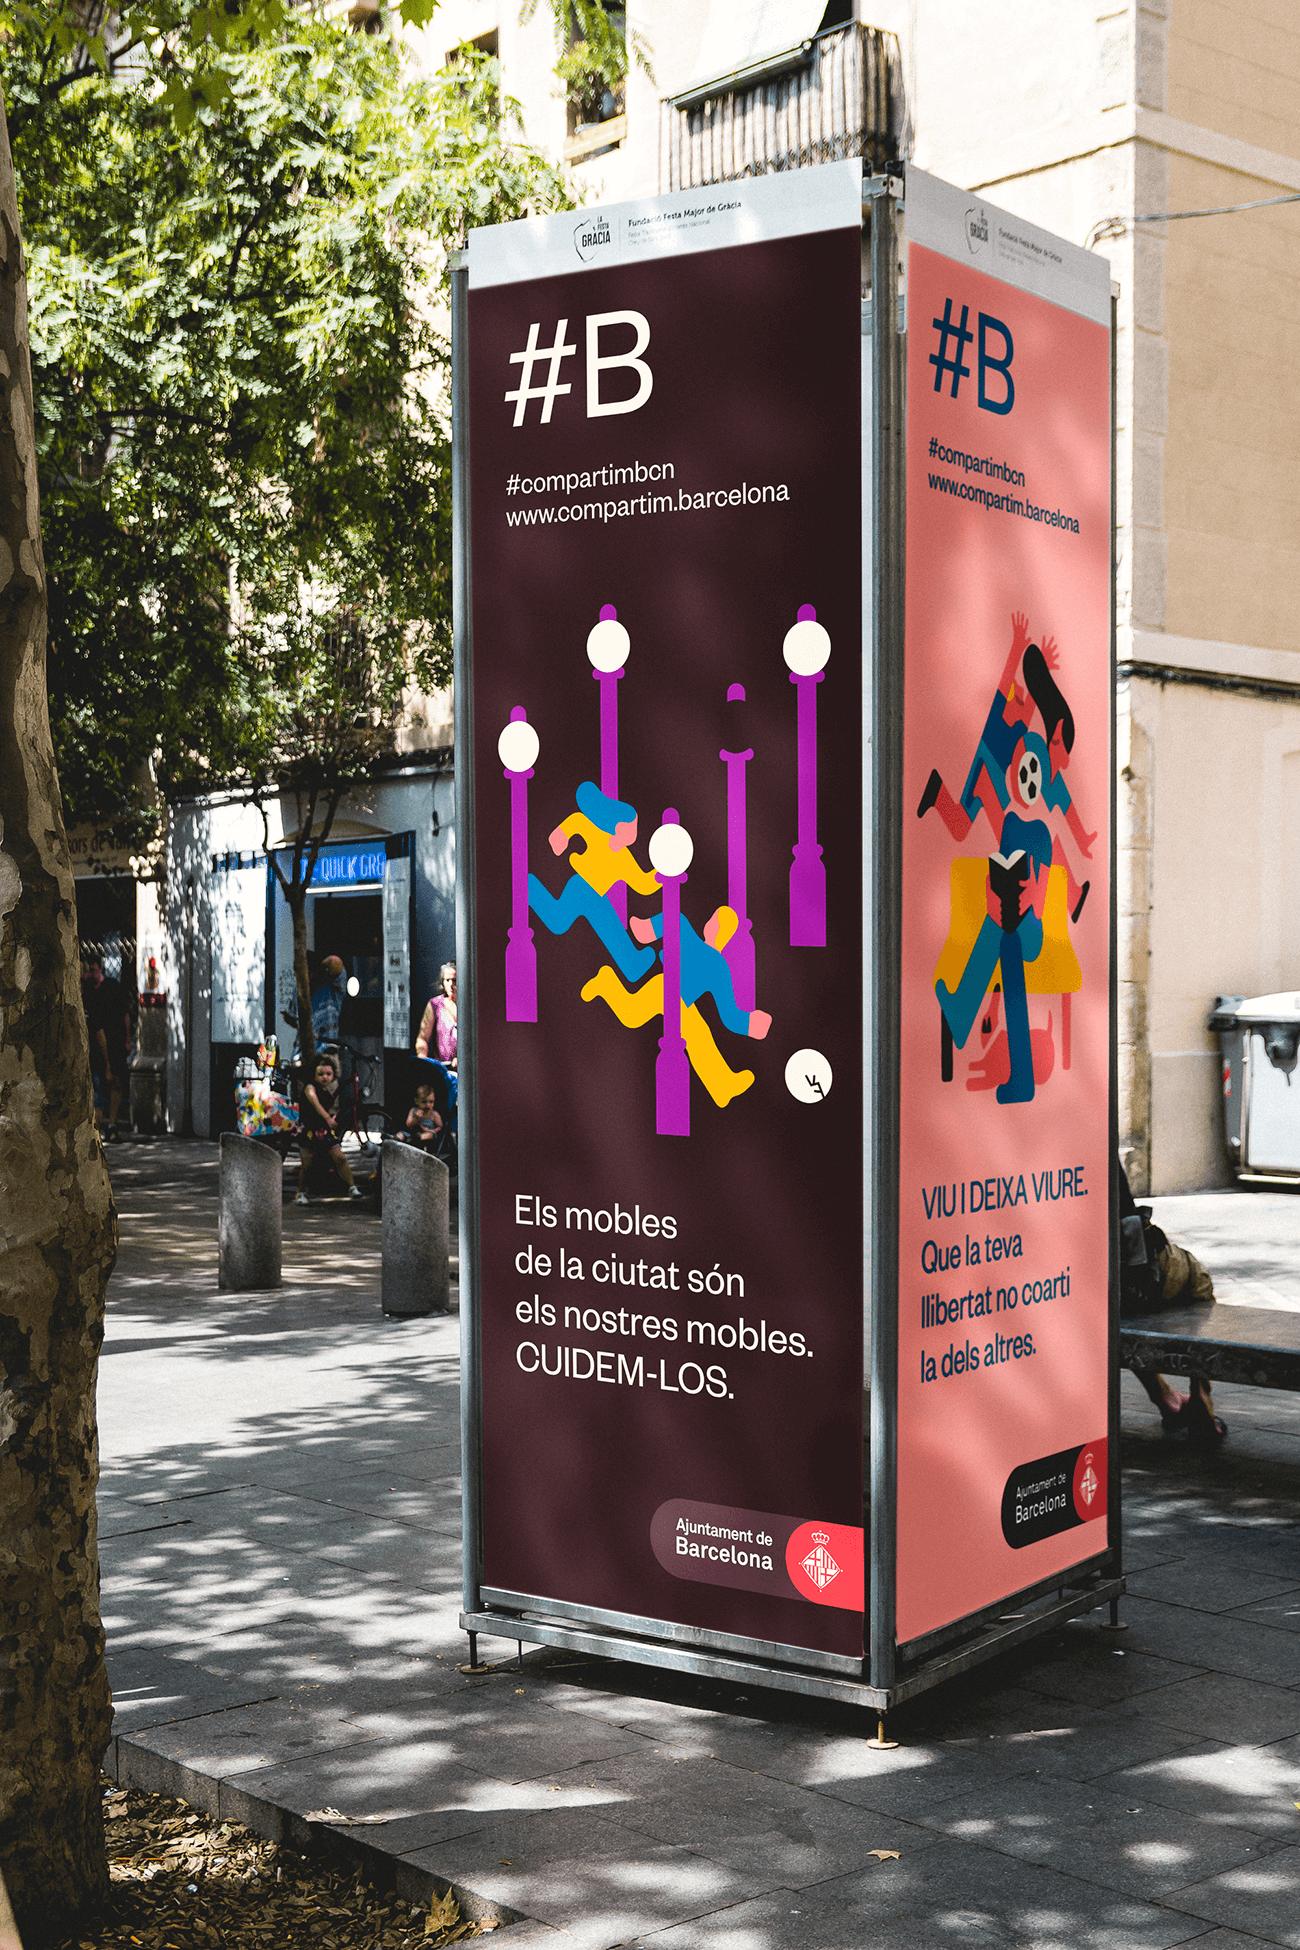 Ajuntament de Barcelona. Sharing Barcelona. Photos